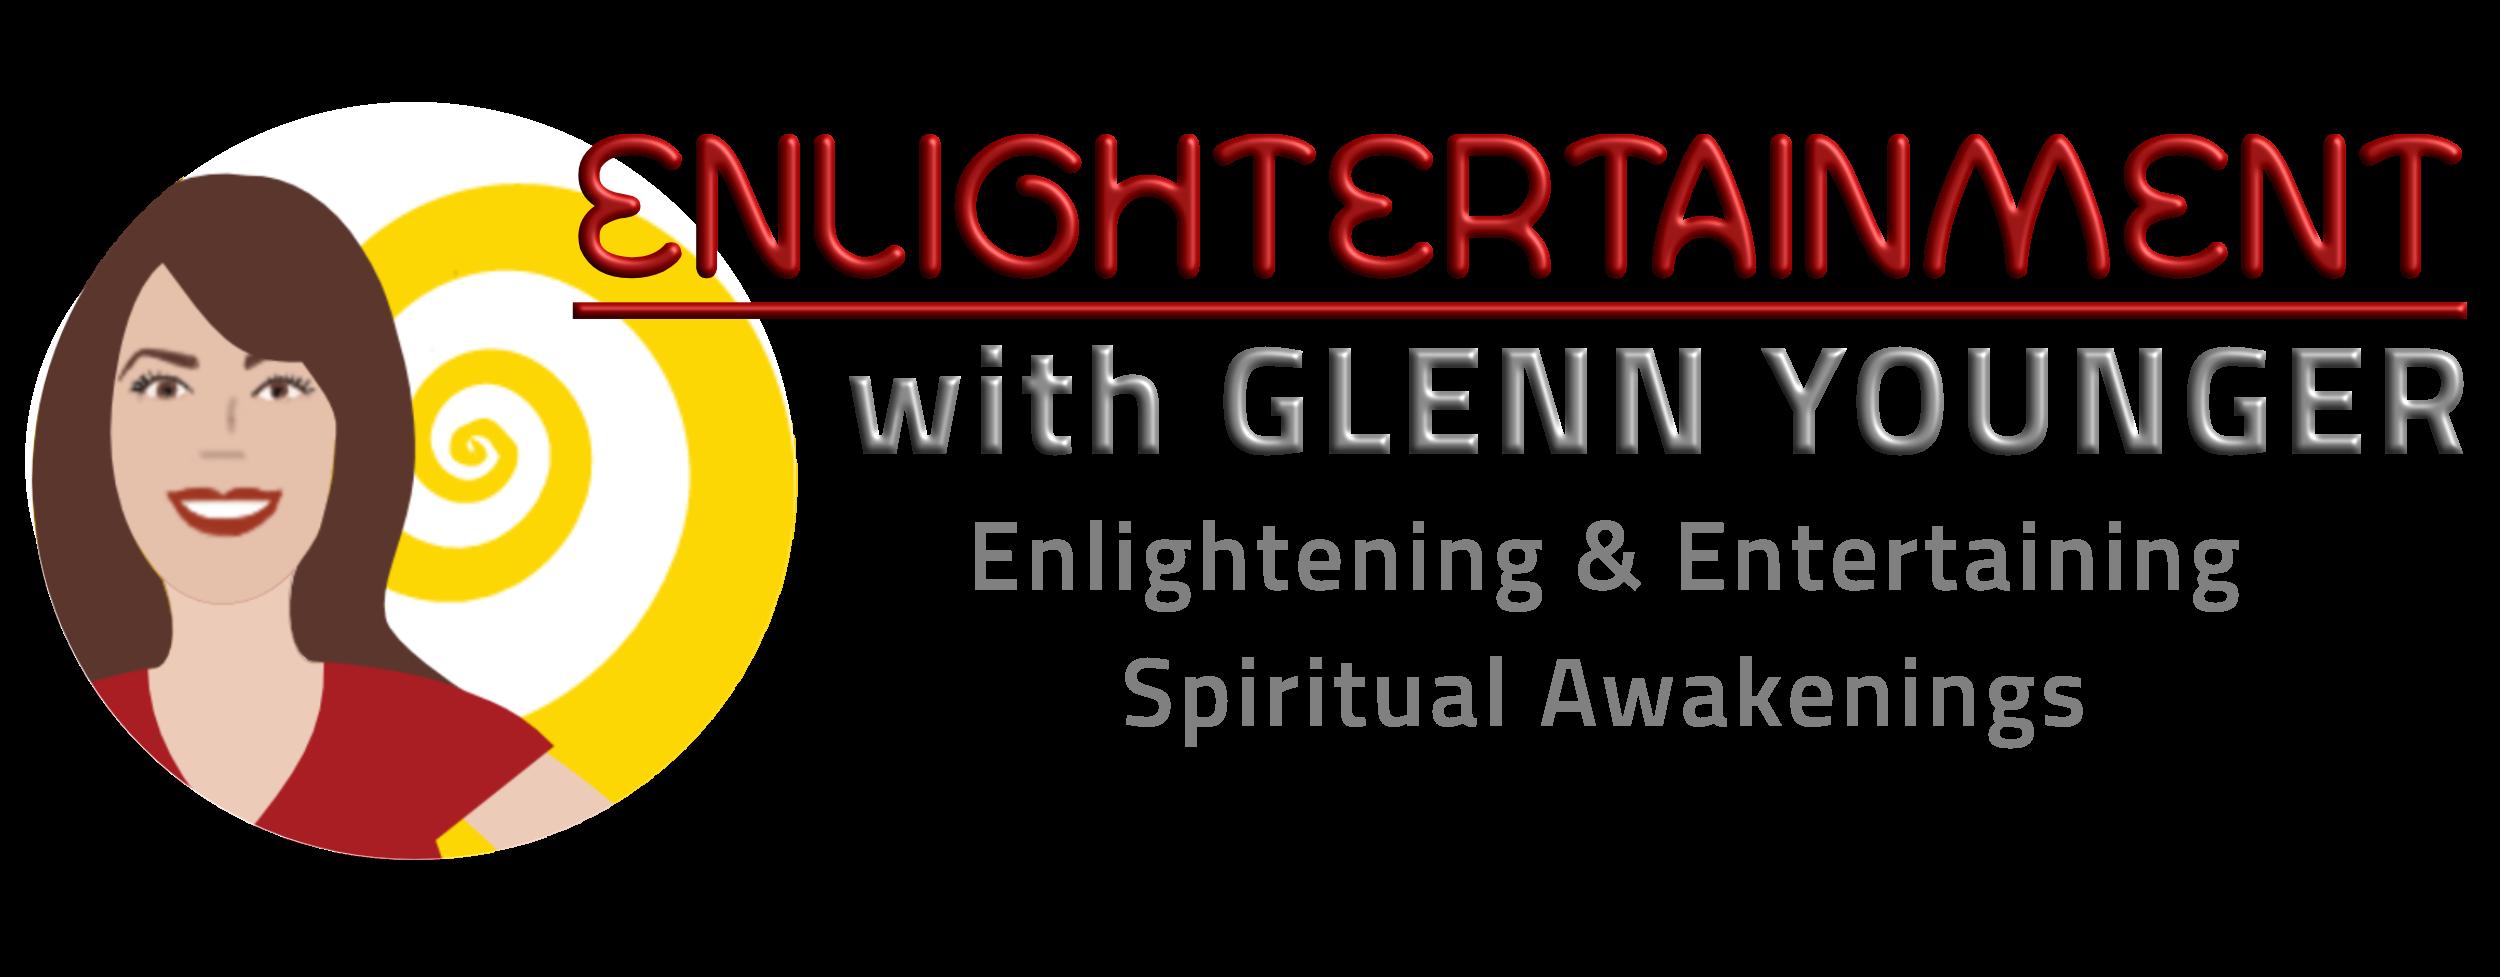 ENLIGHTERTAINMENT: Enlightening & Entertaining Spiritual Awakenings.